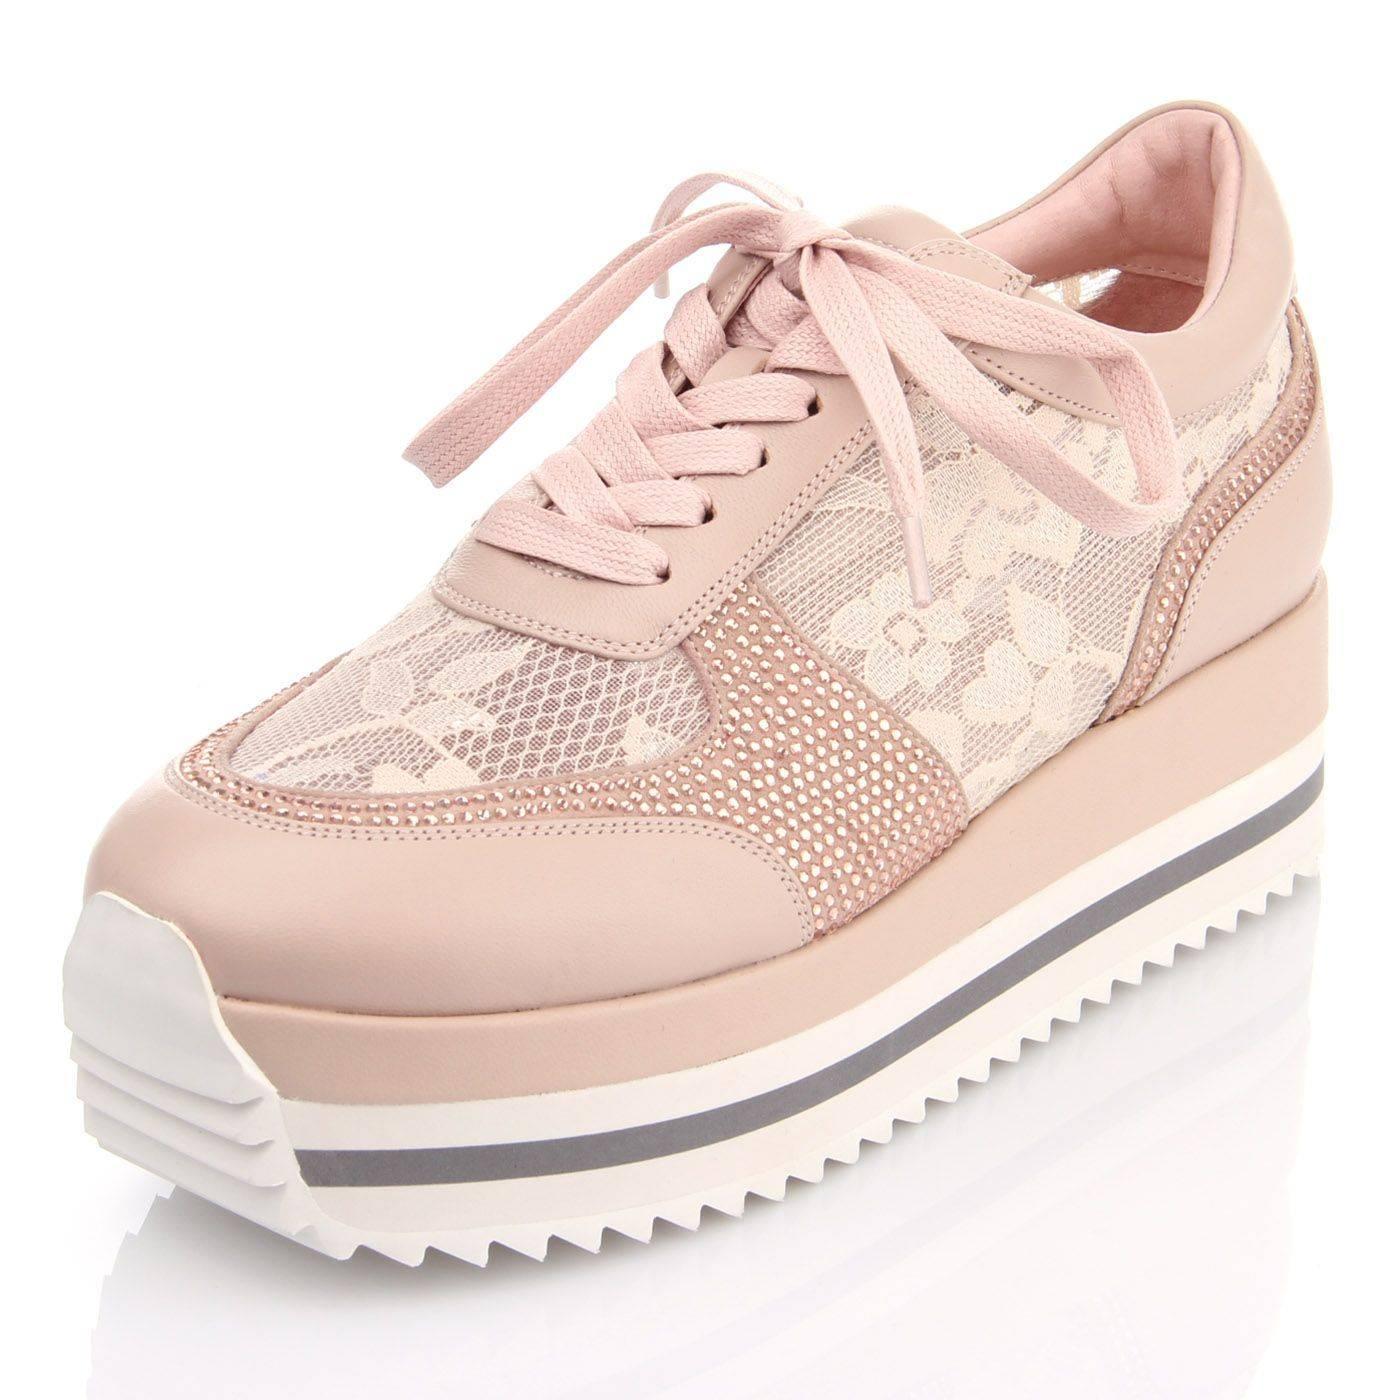 Кросівки жіночі Basconi 4794 Рожевий купить по выгодной цене в ... 7a449fb155f17